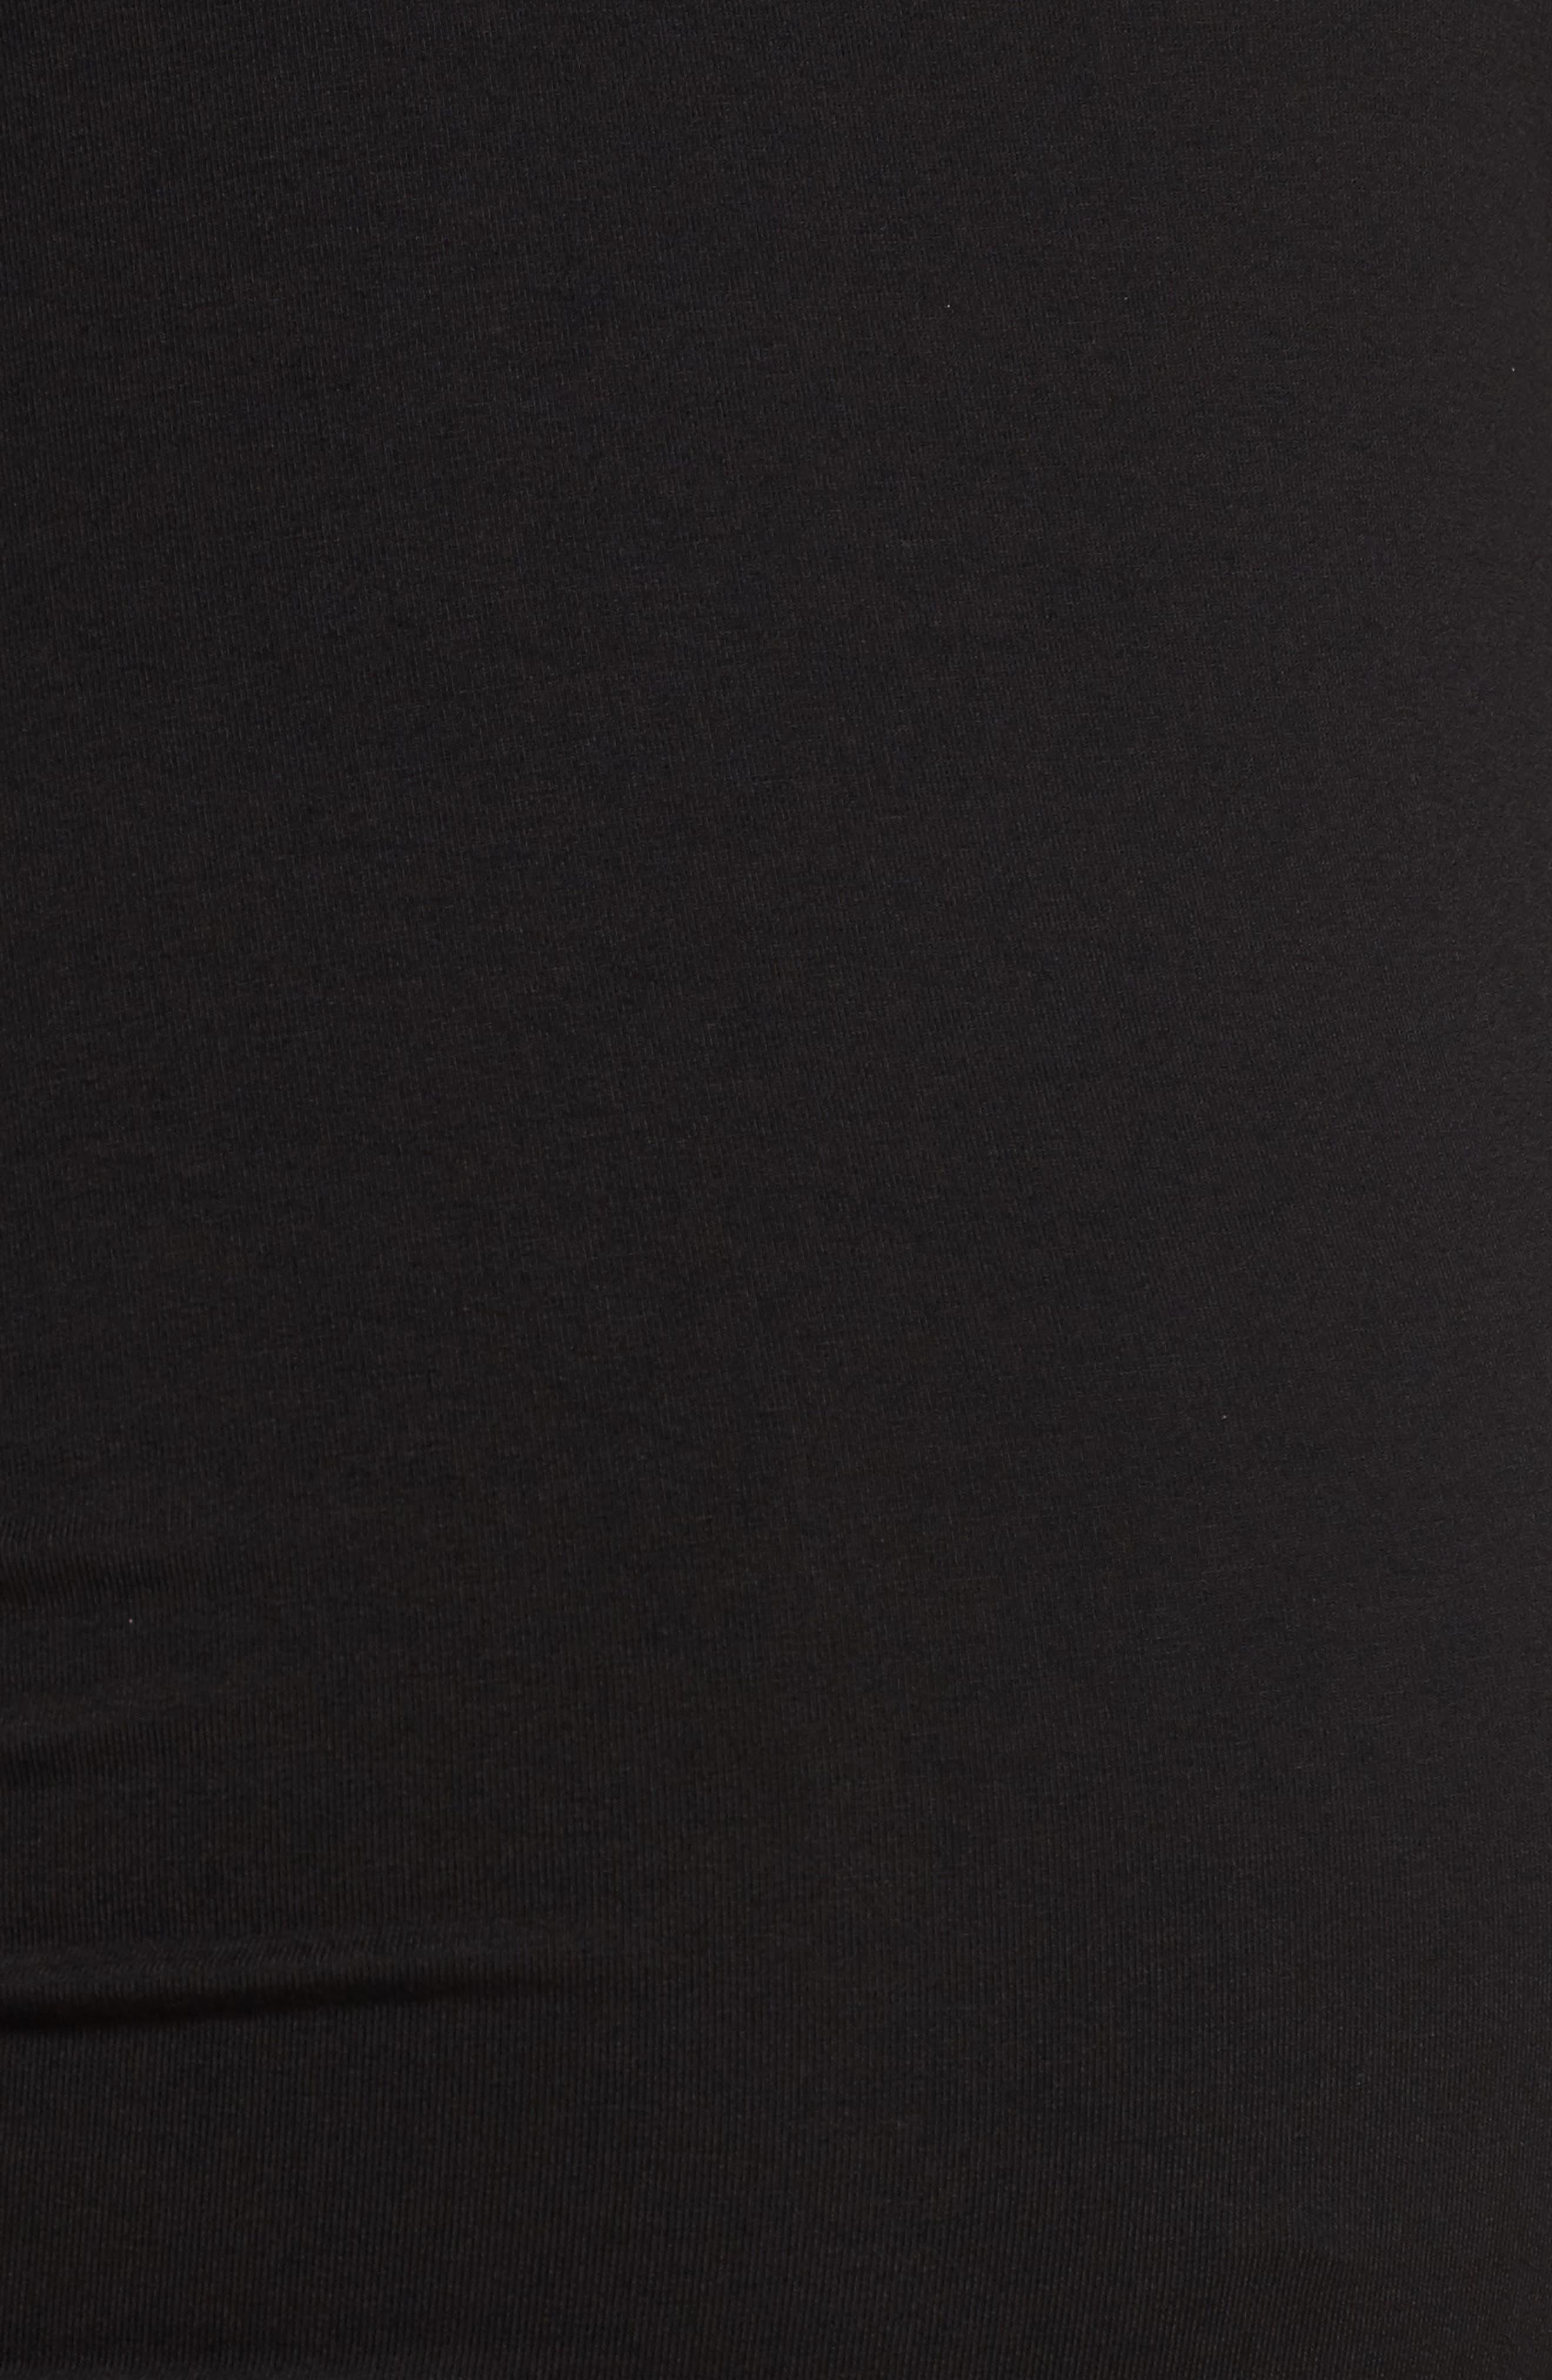 Jessa Maternity Dress,                             Alternate thumbnail 5, color,                             Caviar Black